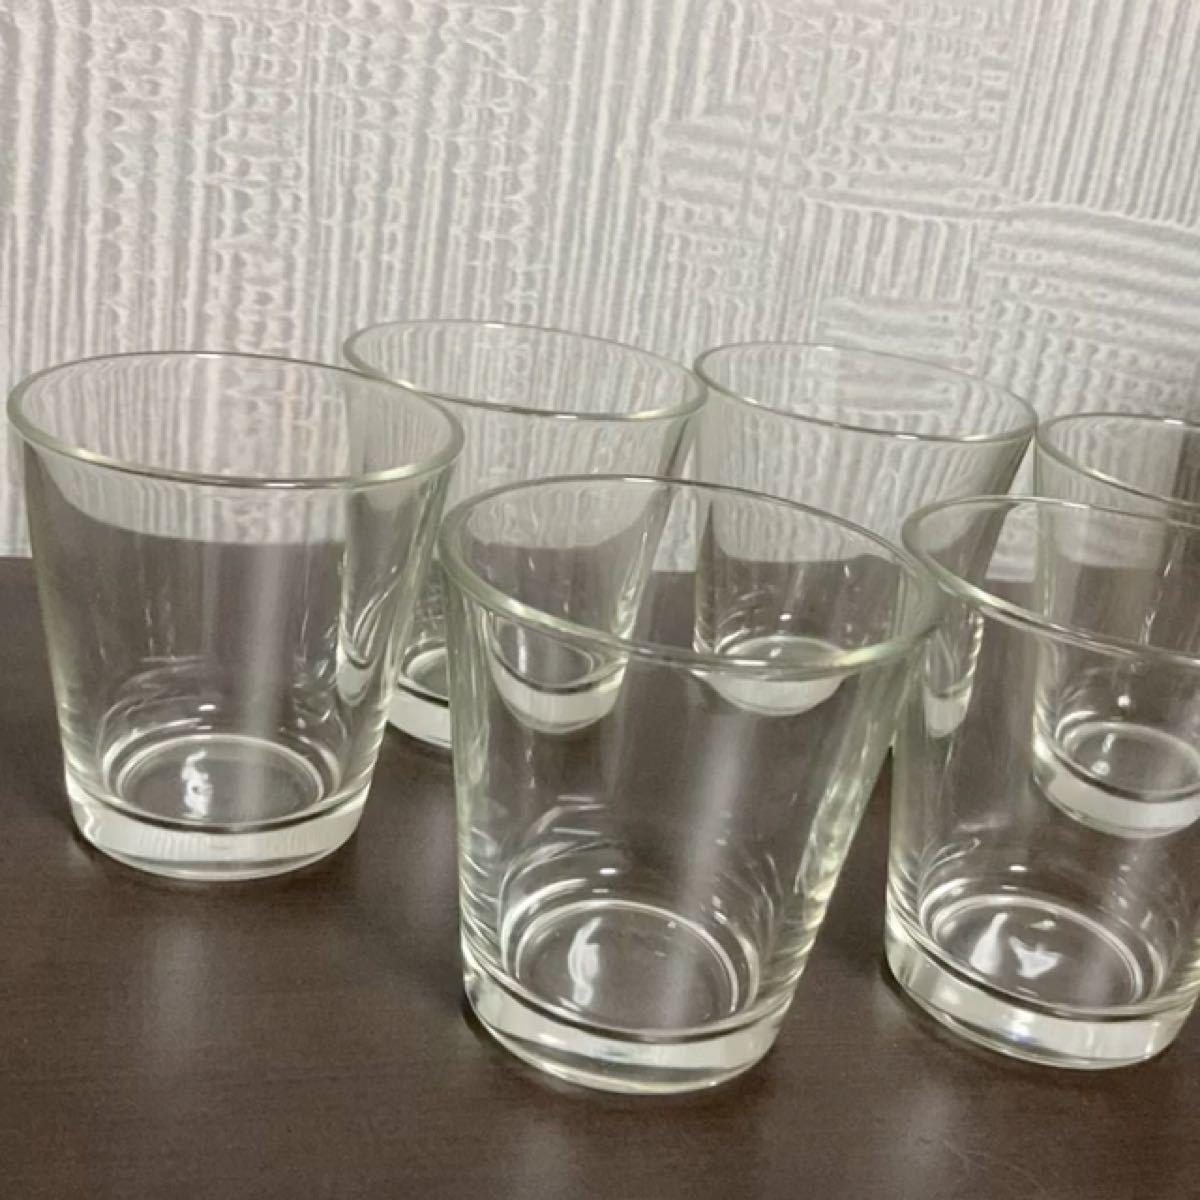 グラス コップ ガラス 薄口 食器 カトラリー 北欧 雑貨 透明 昭和レトロ ガラスコップ